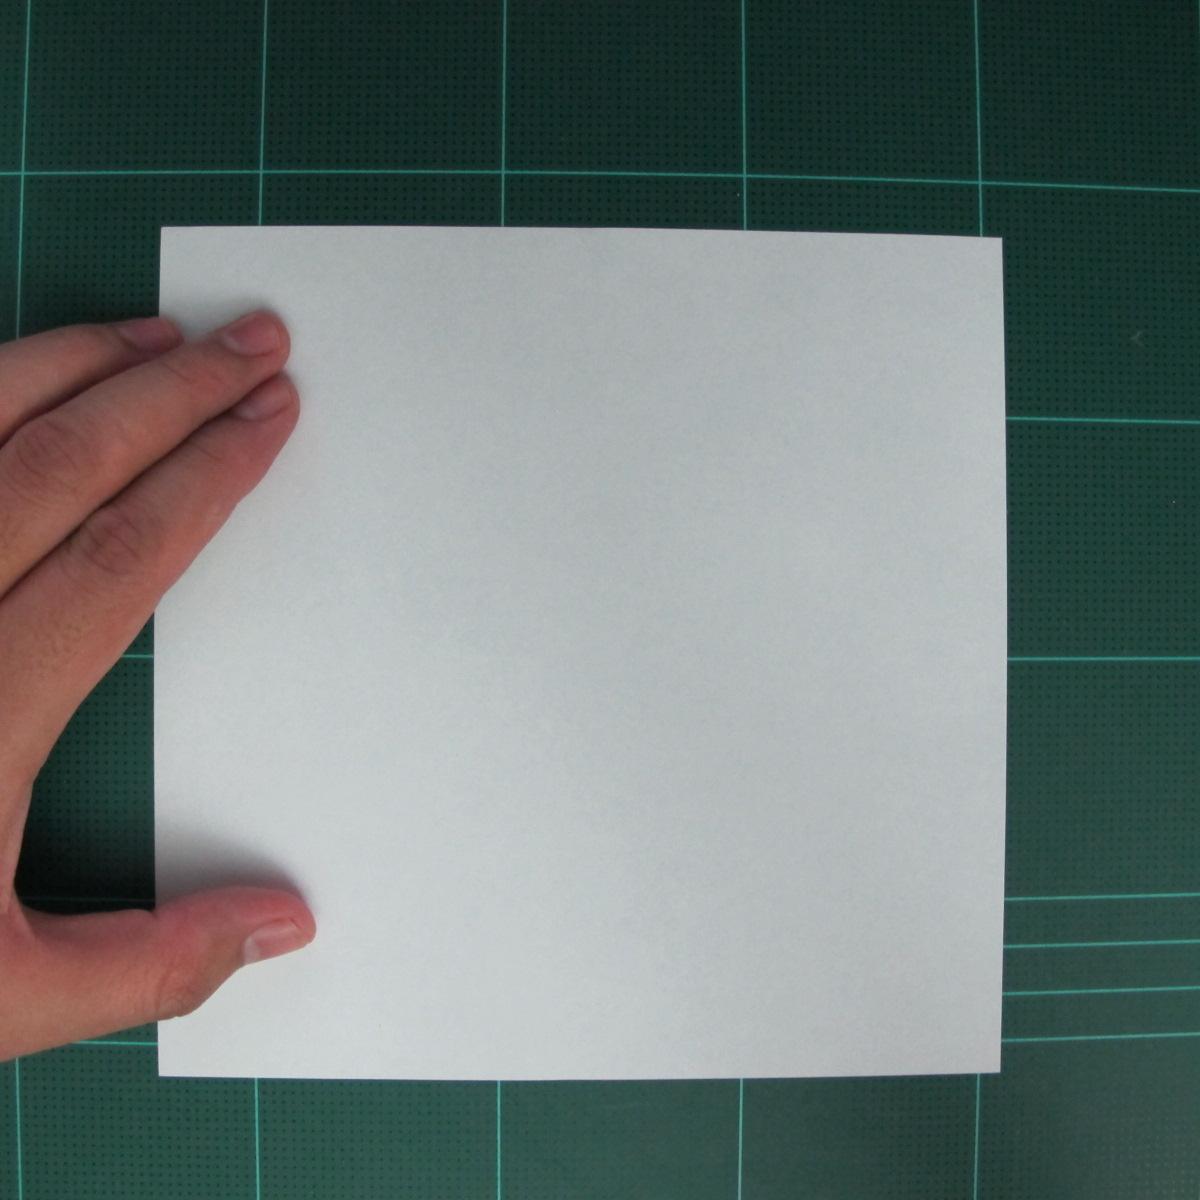 การพับกระดาษเป็นรูปตัวเม่นแคระ (Origami Hedgehog) 002